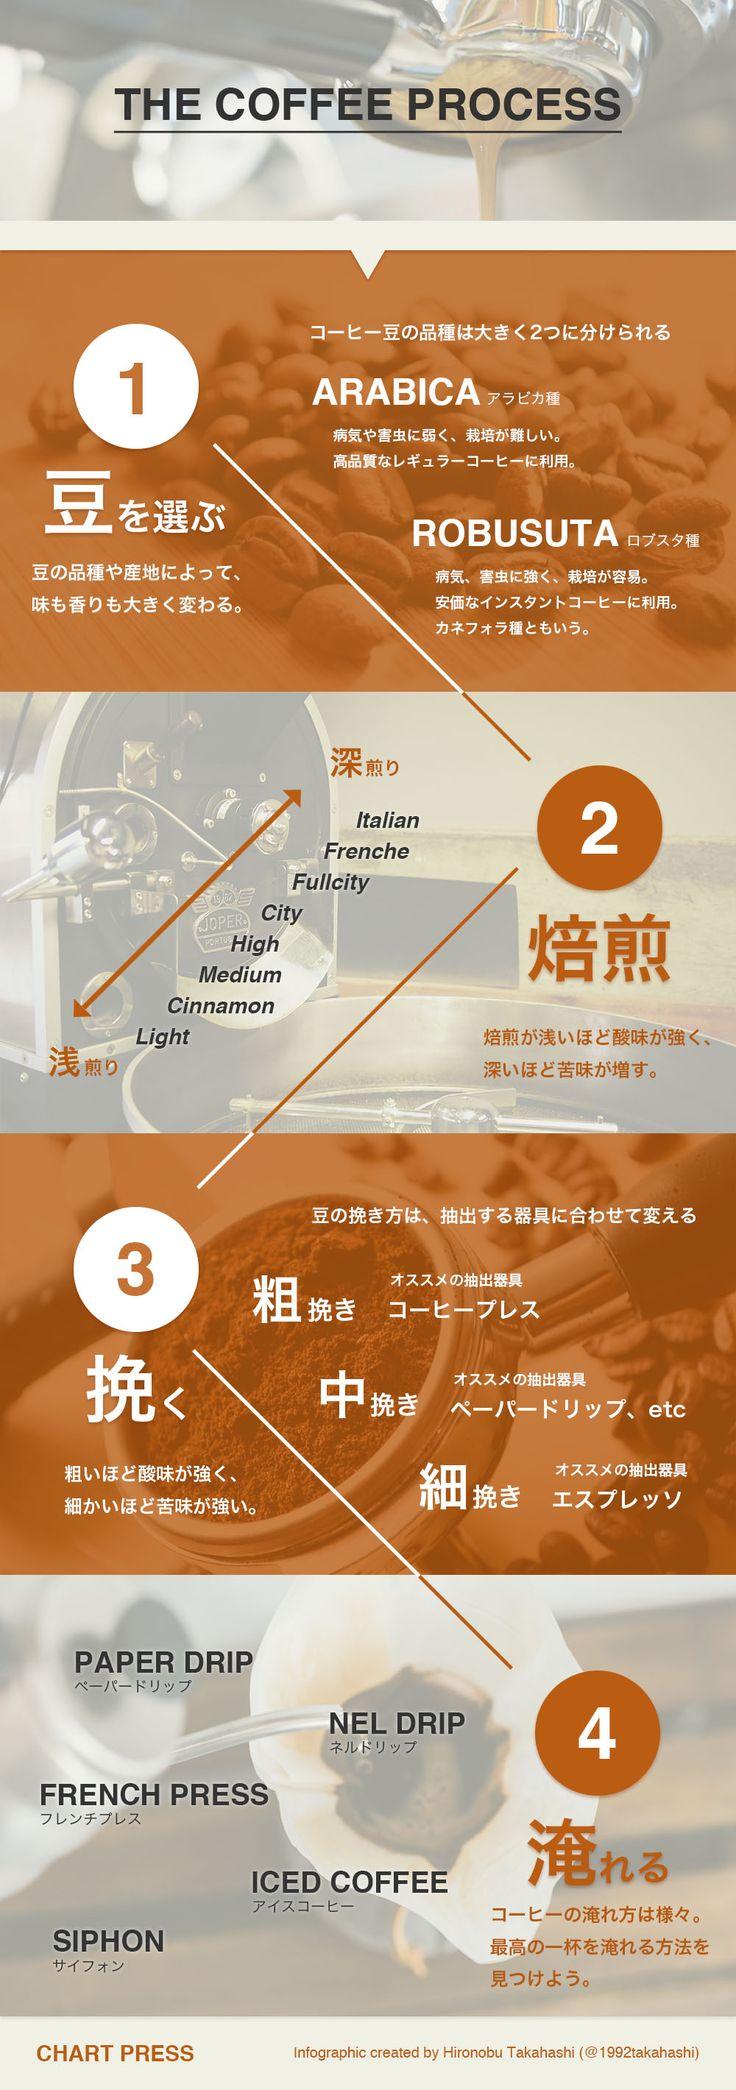 【インフォグラフィック】THE COFFEE PROCESS